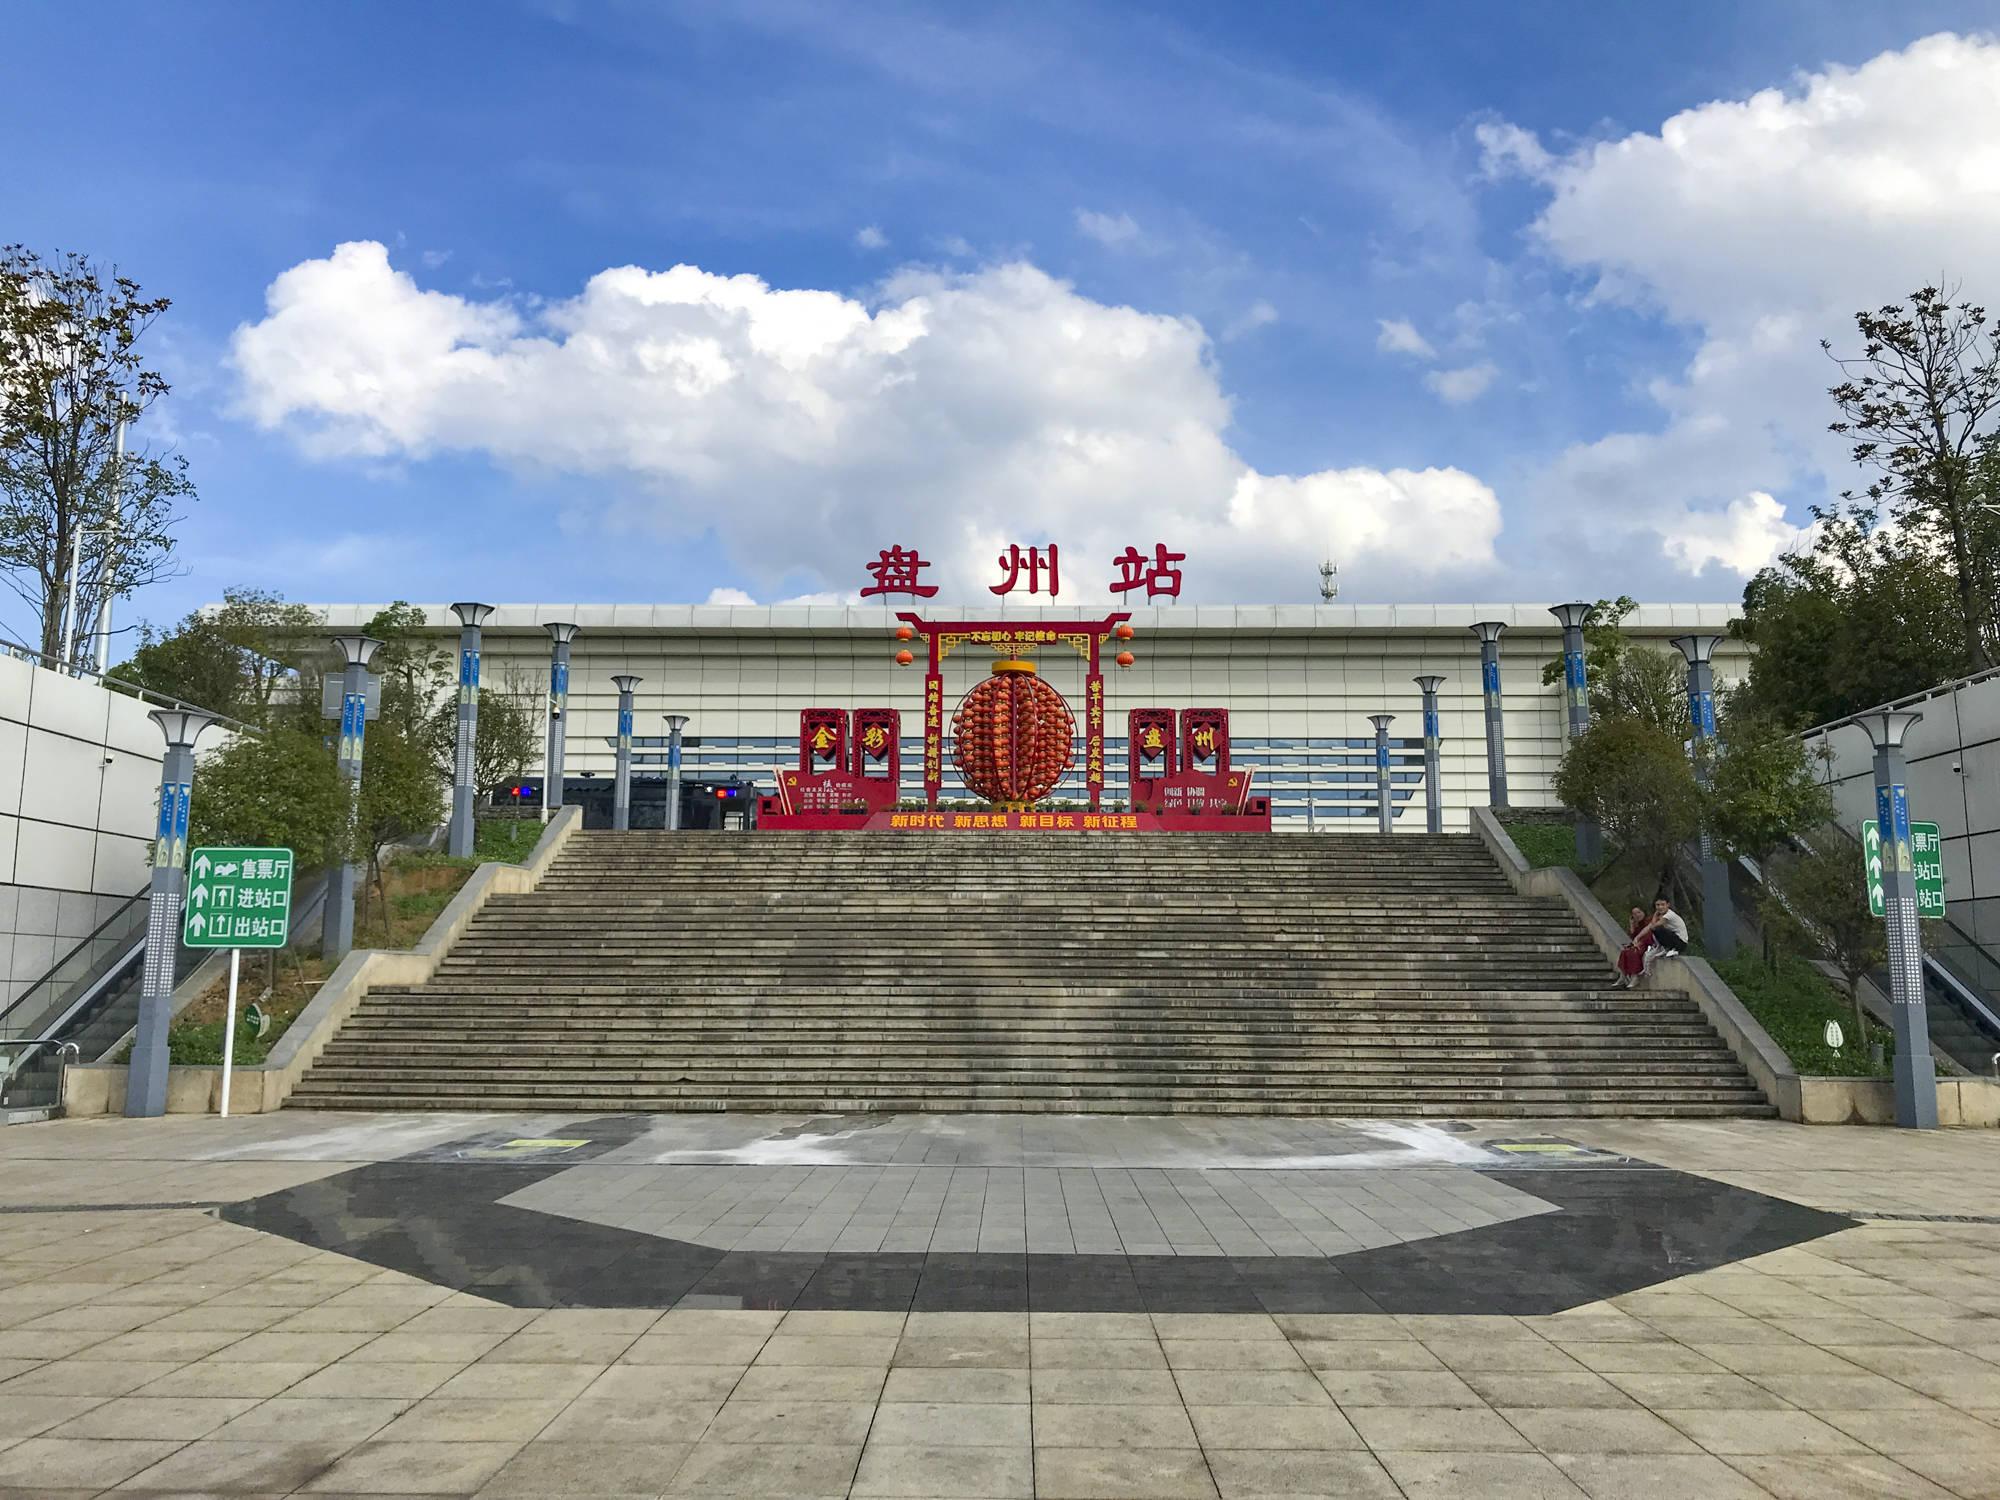 """原创             中国唯一的""""凉都"""",夏天只有19℃,许多人到这买房避暑养老"""